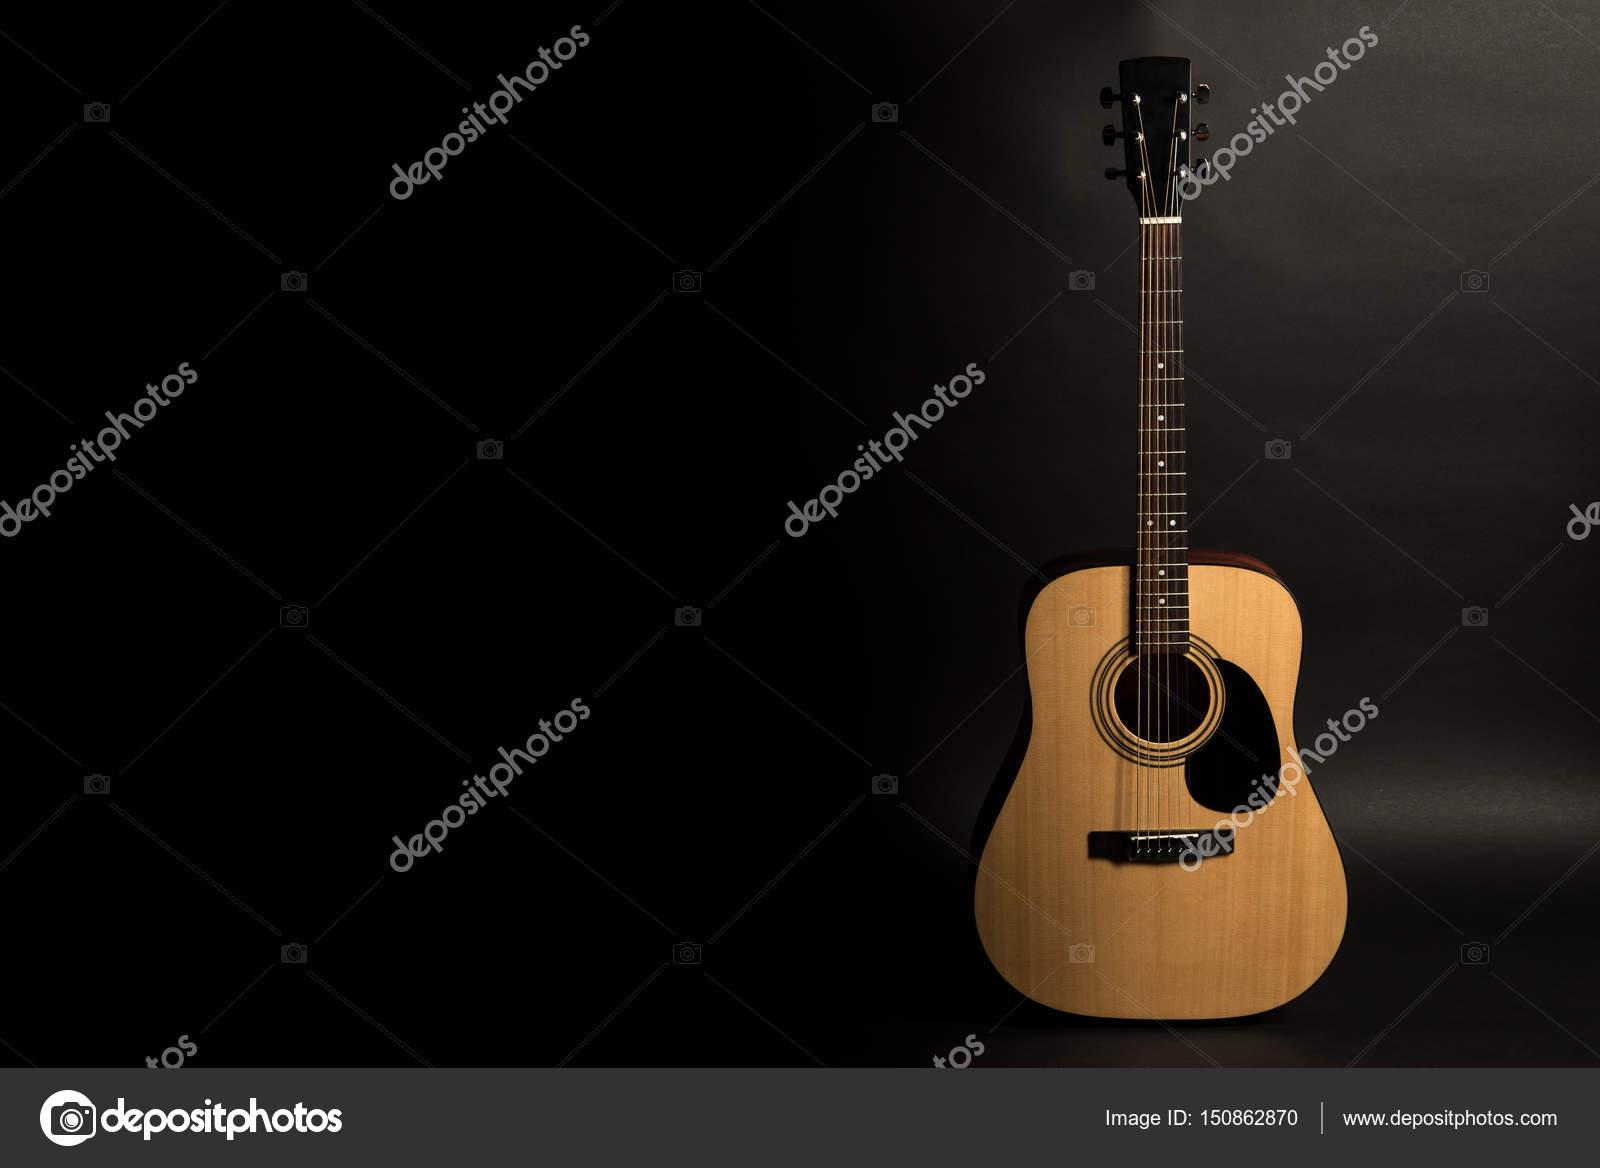 Violão em um fundo preto no lado direito do quadro instrumento de